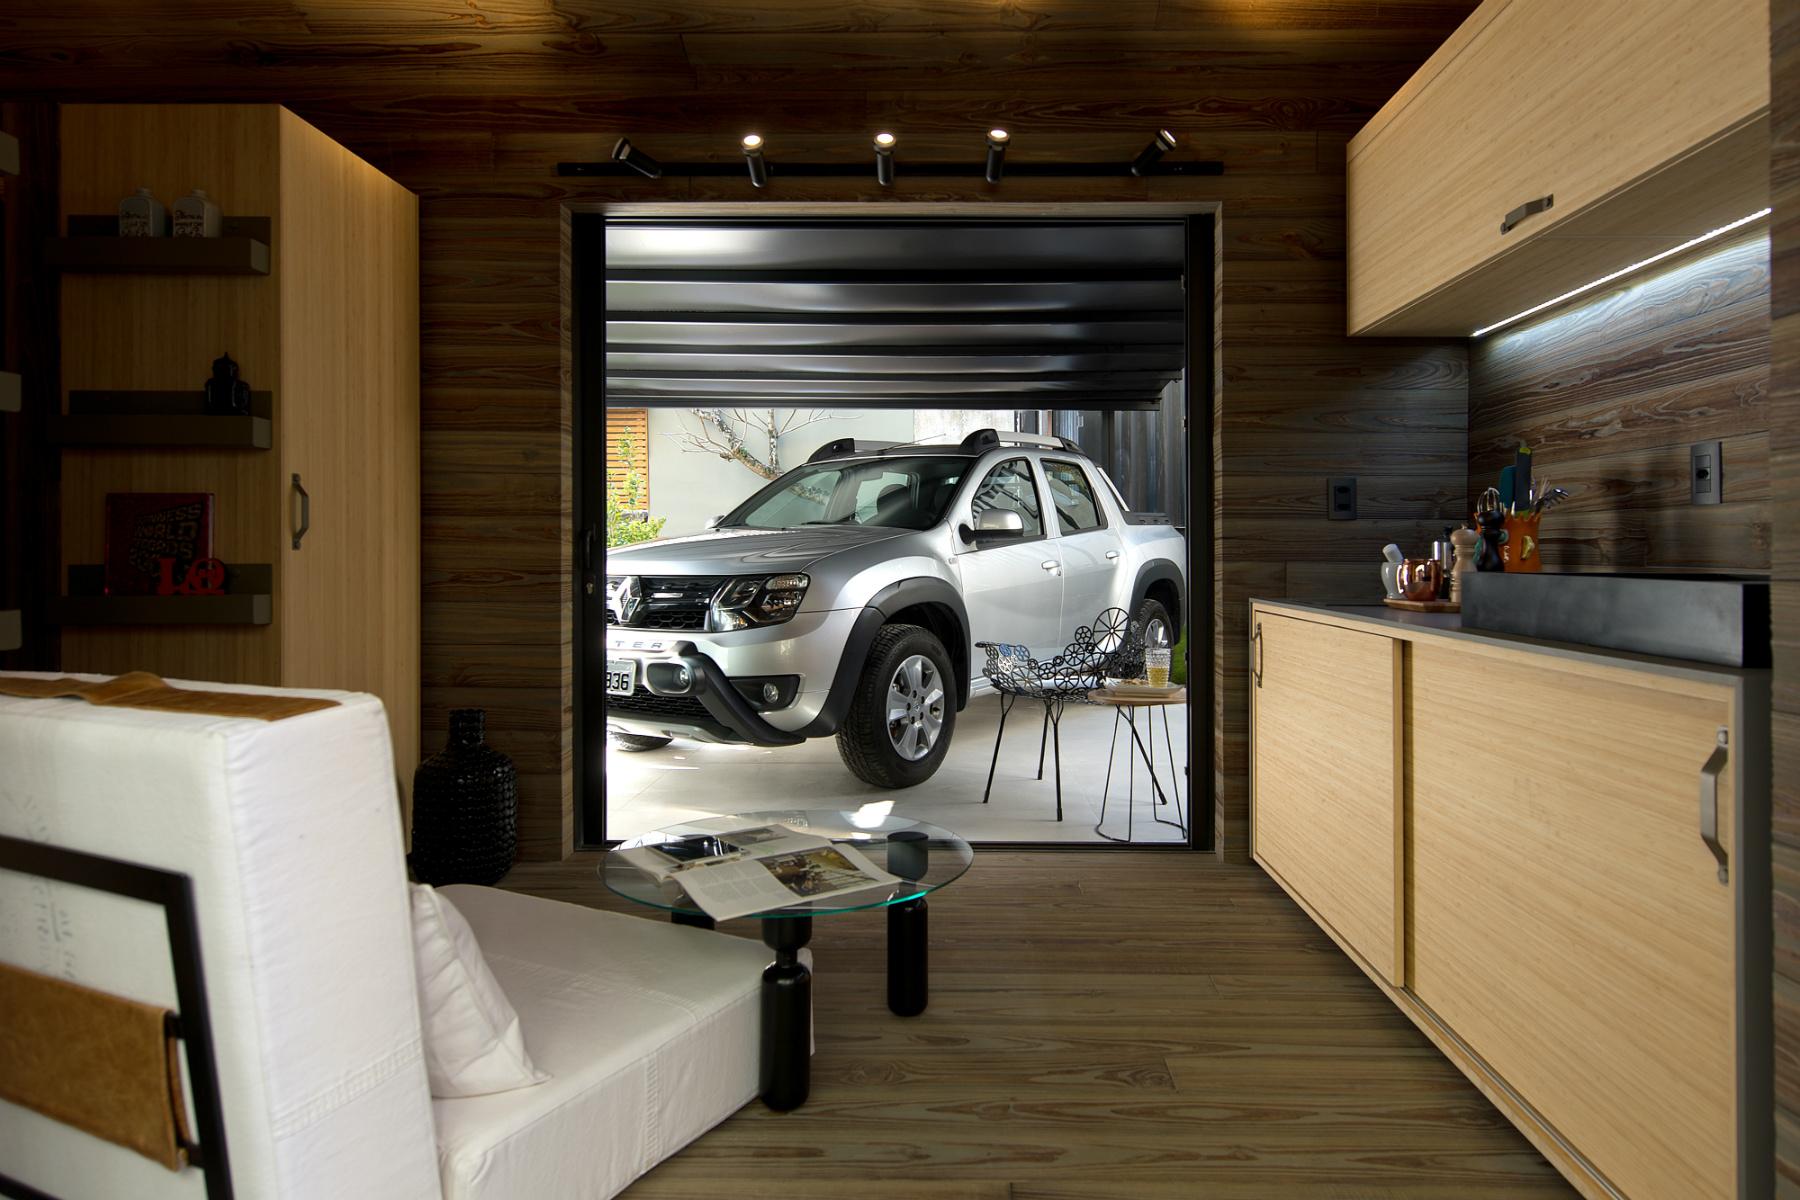 A Cabana Renault, projetada, dos arquitetos Tais Adriana Marchetti Bonetti e Giovani Bonetti, é uma casa nômade